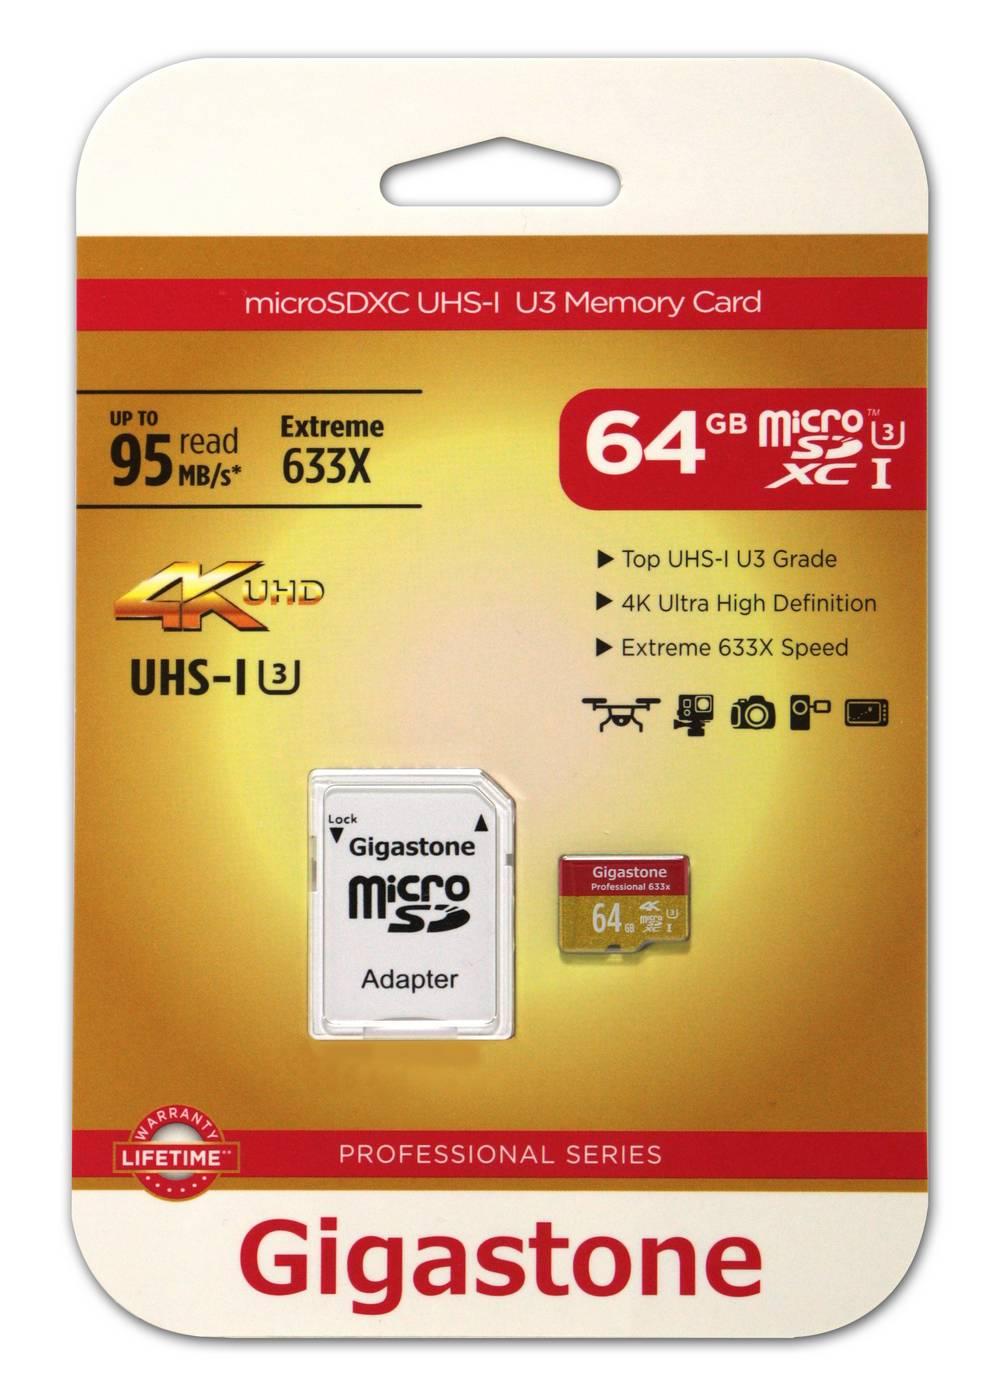 Κάρτα Μνήμης Gigastone MicroSDXC UHS-I U3 64GB U3 Extreme 633X Professional Series με SD Αντάπτορα up to 95 MB/s*